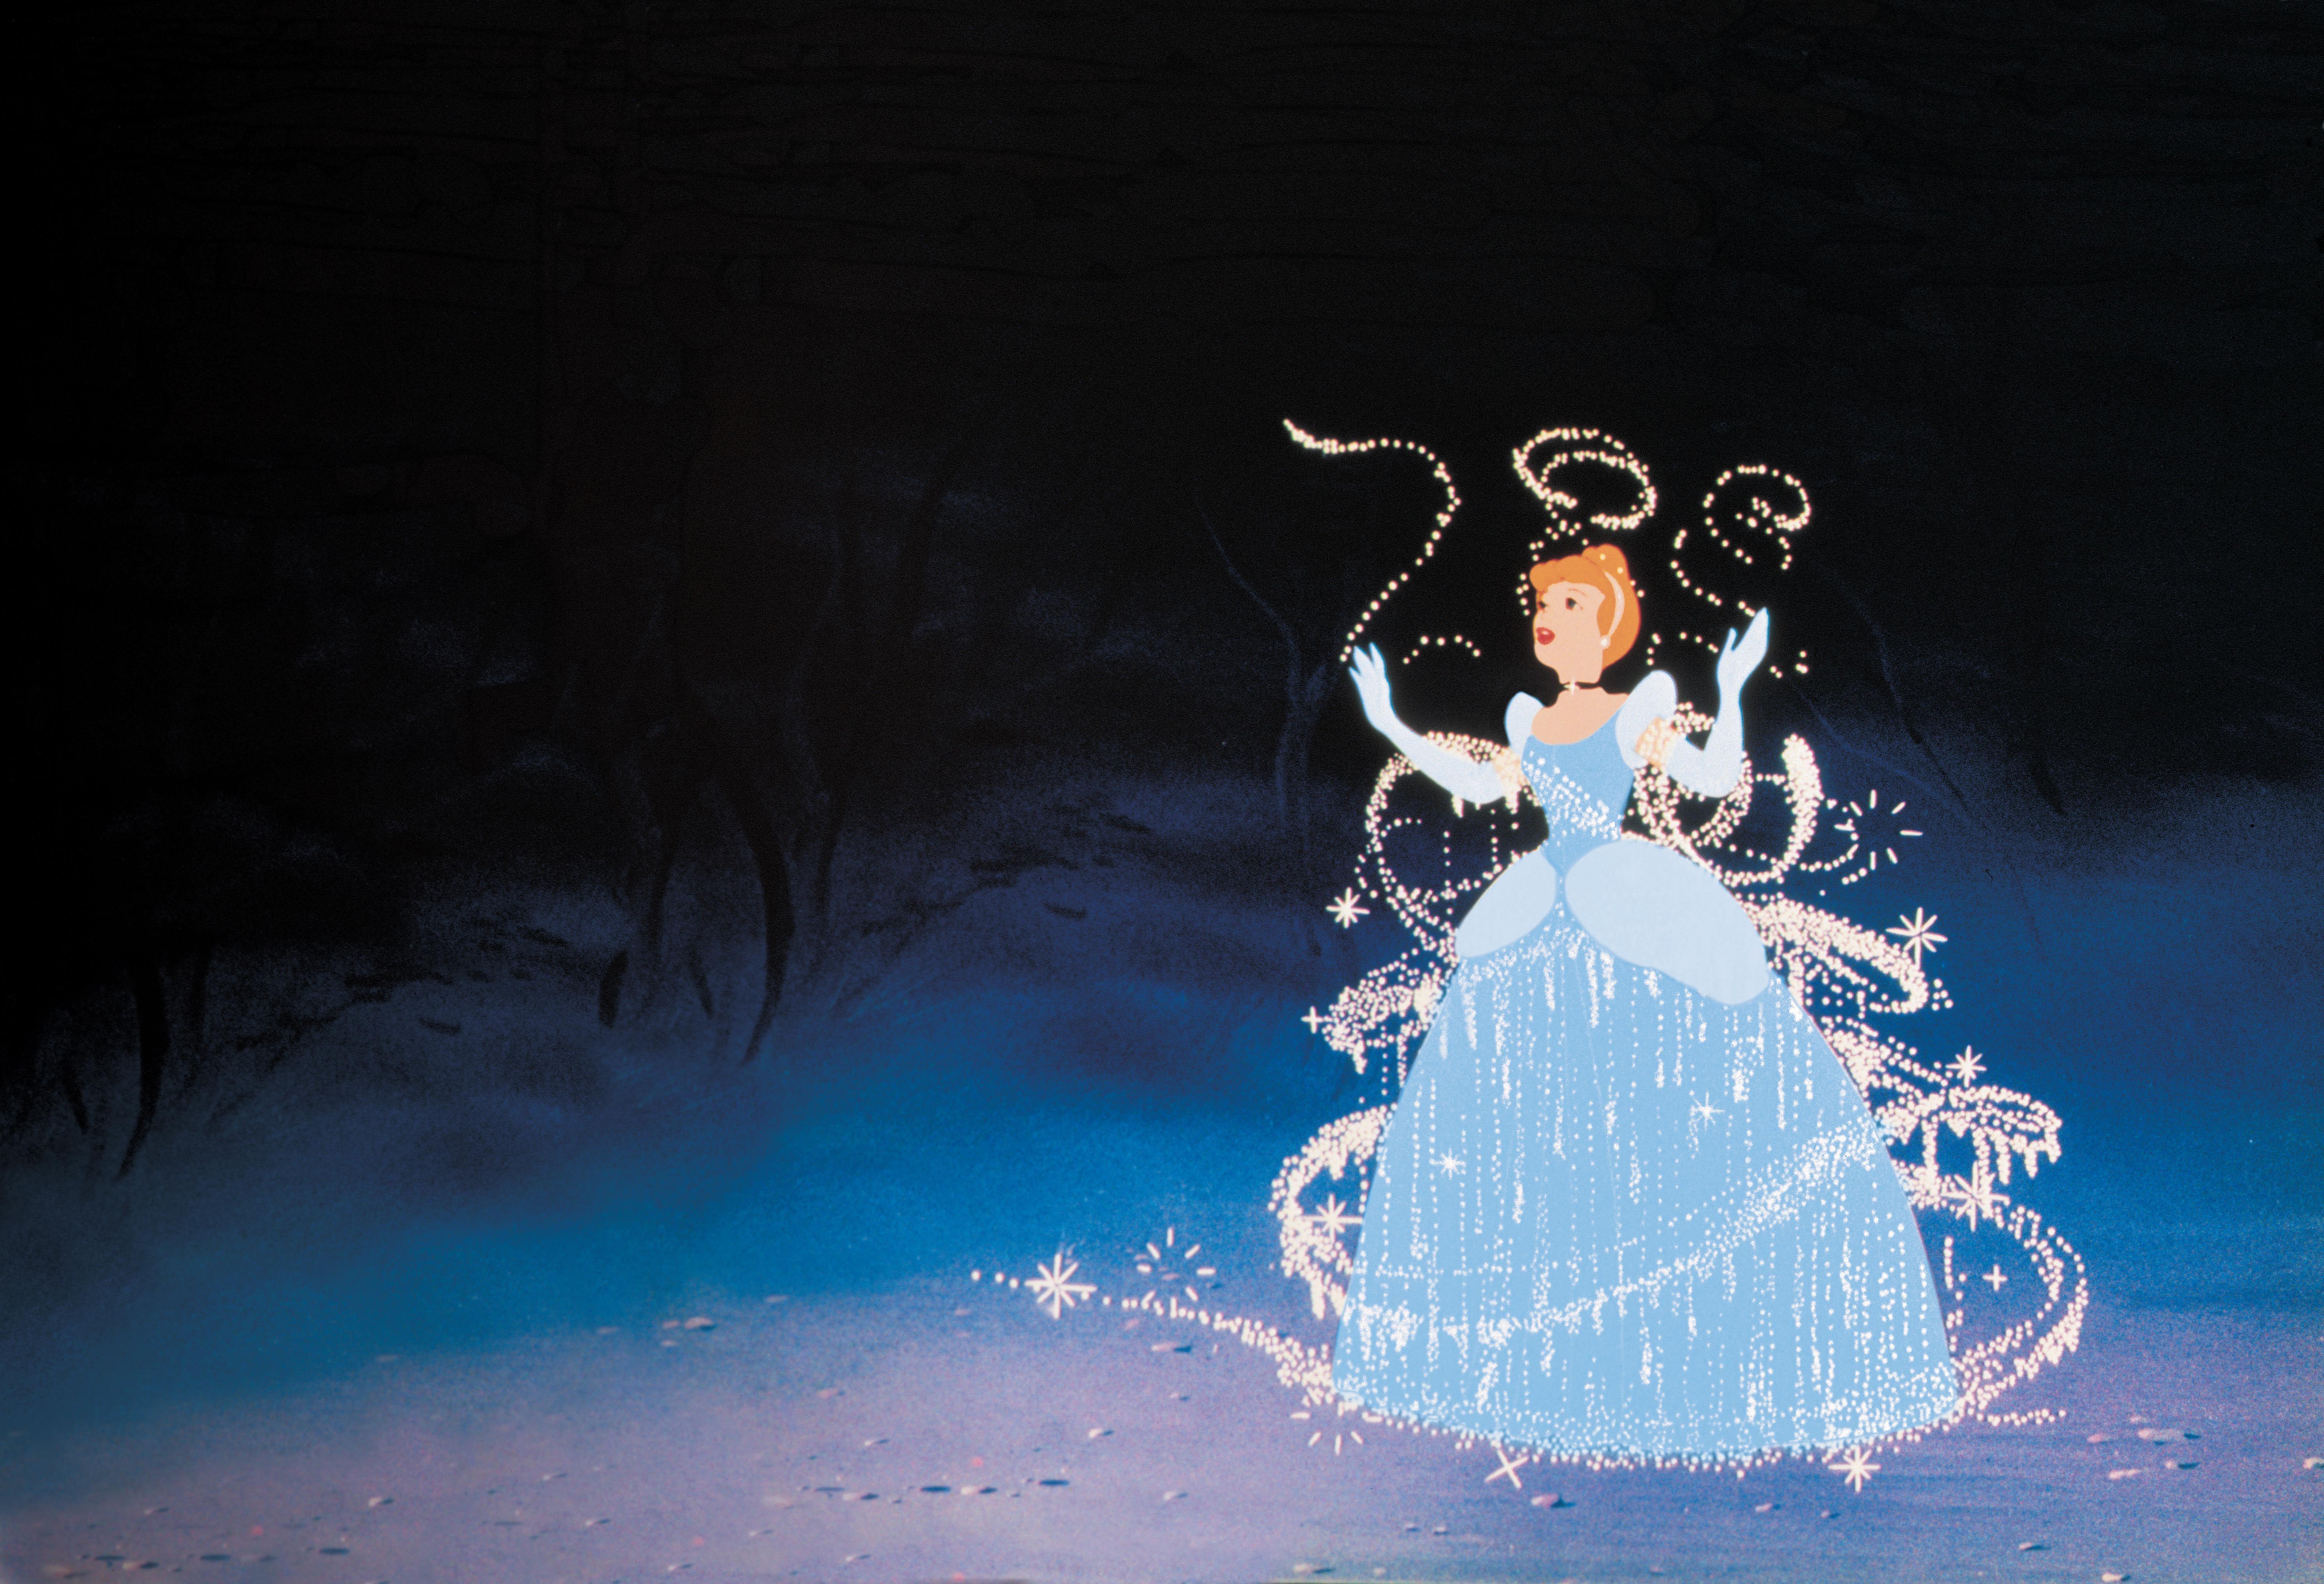 Explore le monde magique de Cendrillon avec des jeux des coloriages des vidéos autour de tes Princesses Disney préférées